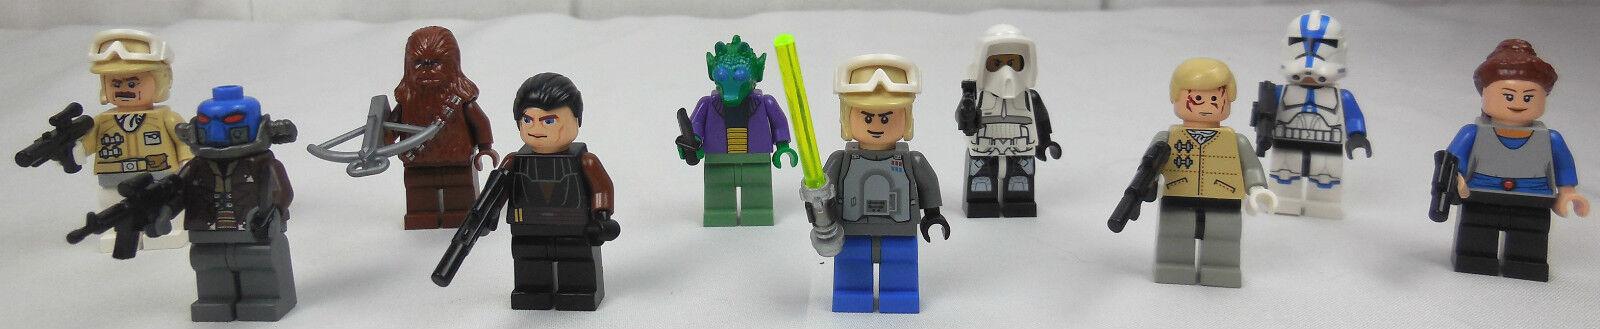 Lego Star Wars Figuren 10 Stück mit Waffen Waffen Waffen Zubehör 73e235